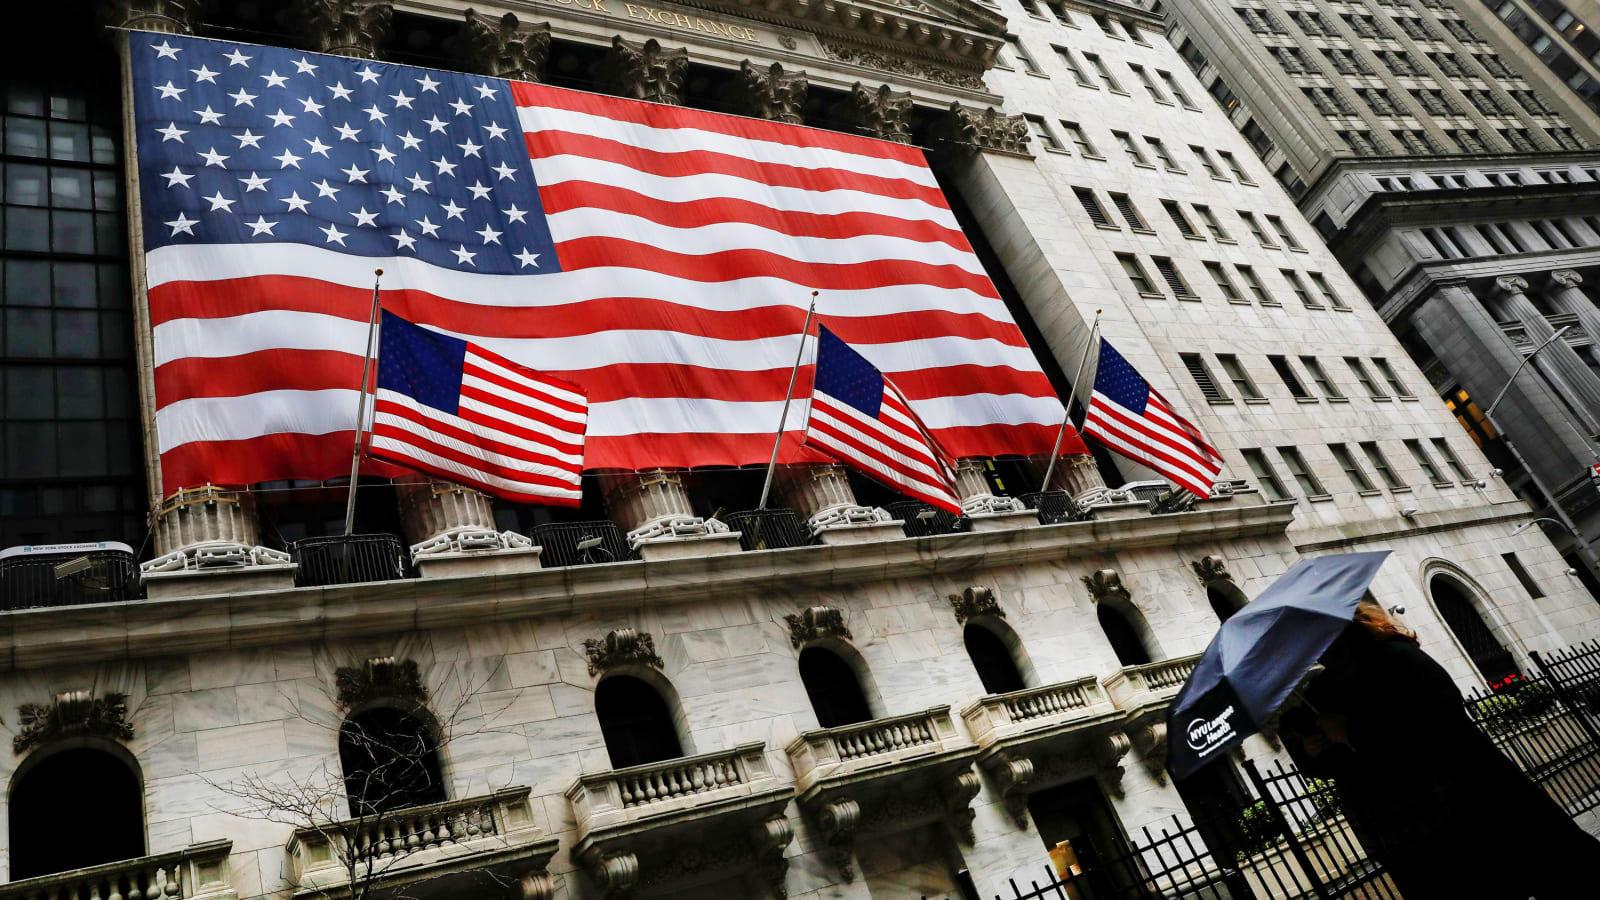 Chứng khoán Mỹ nhích nhẹ khi cổ phiếu công nghệ khởi sắc - Ảnh 1.